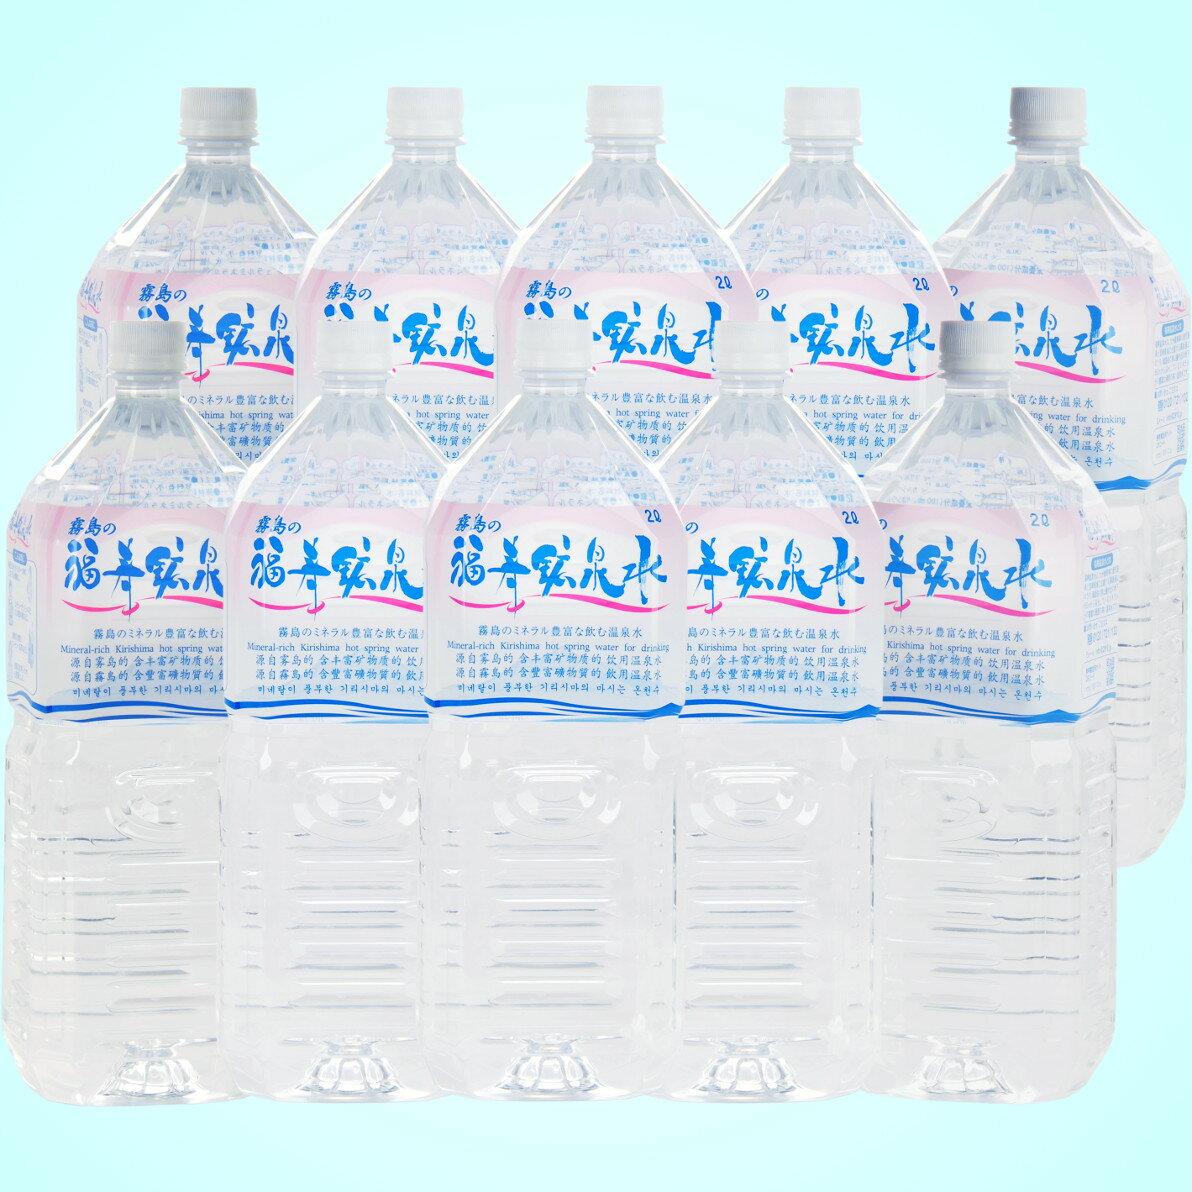 霧島の福寿鉱泉水 2Lペットボトル×10本箱入 天然温泉水(硬水・シリカ水)【送料無料。北海道・沖縄除く】